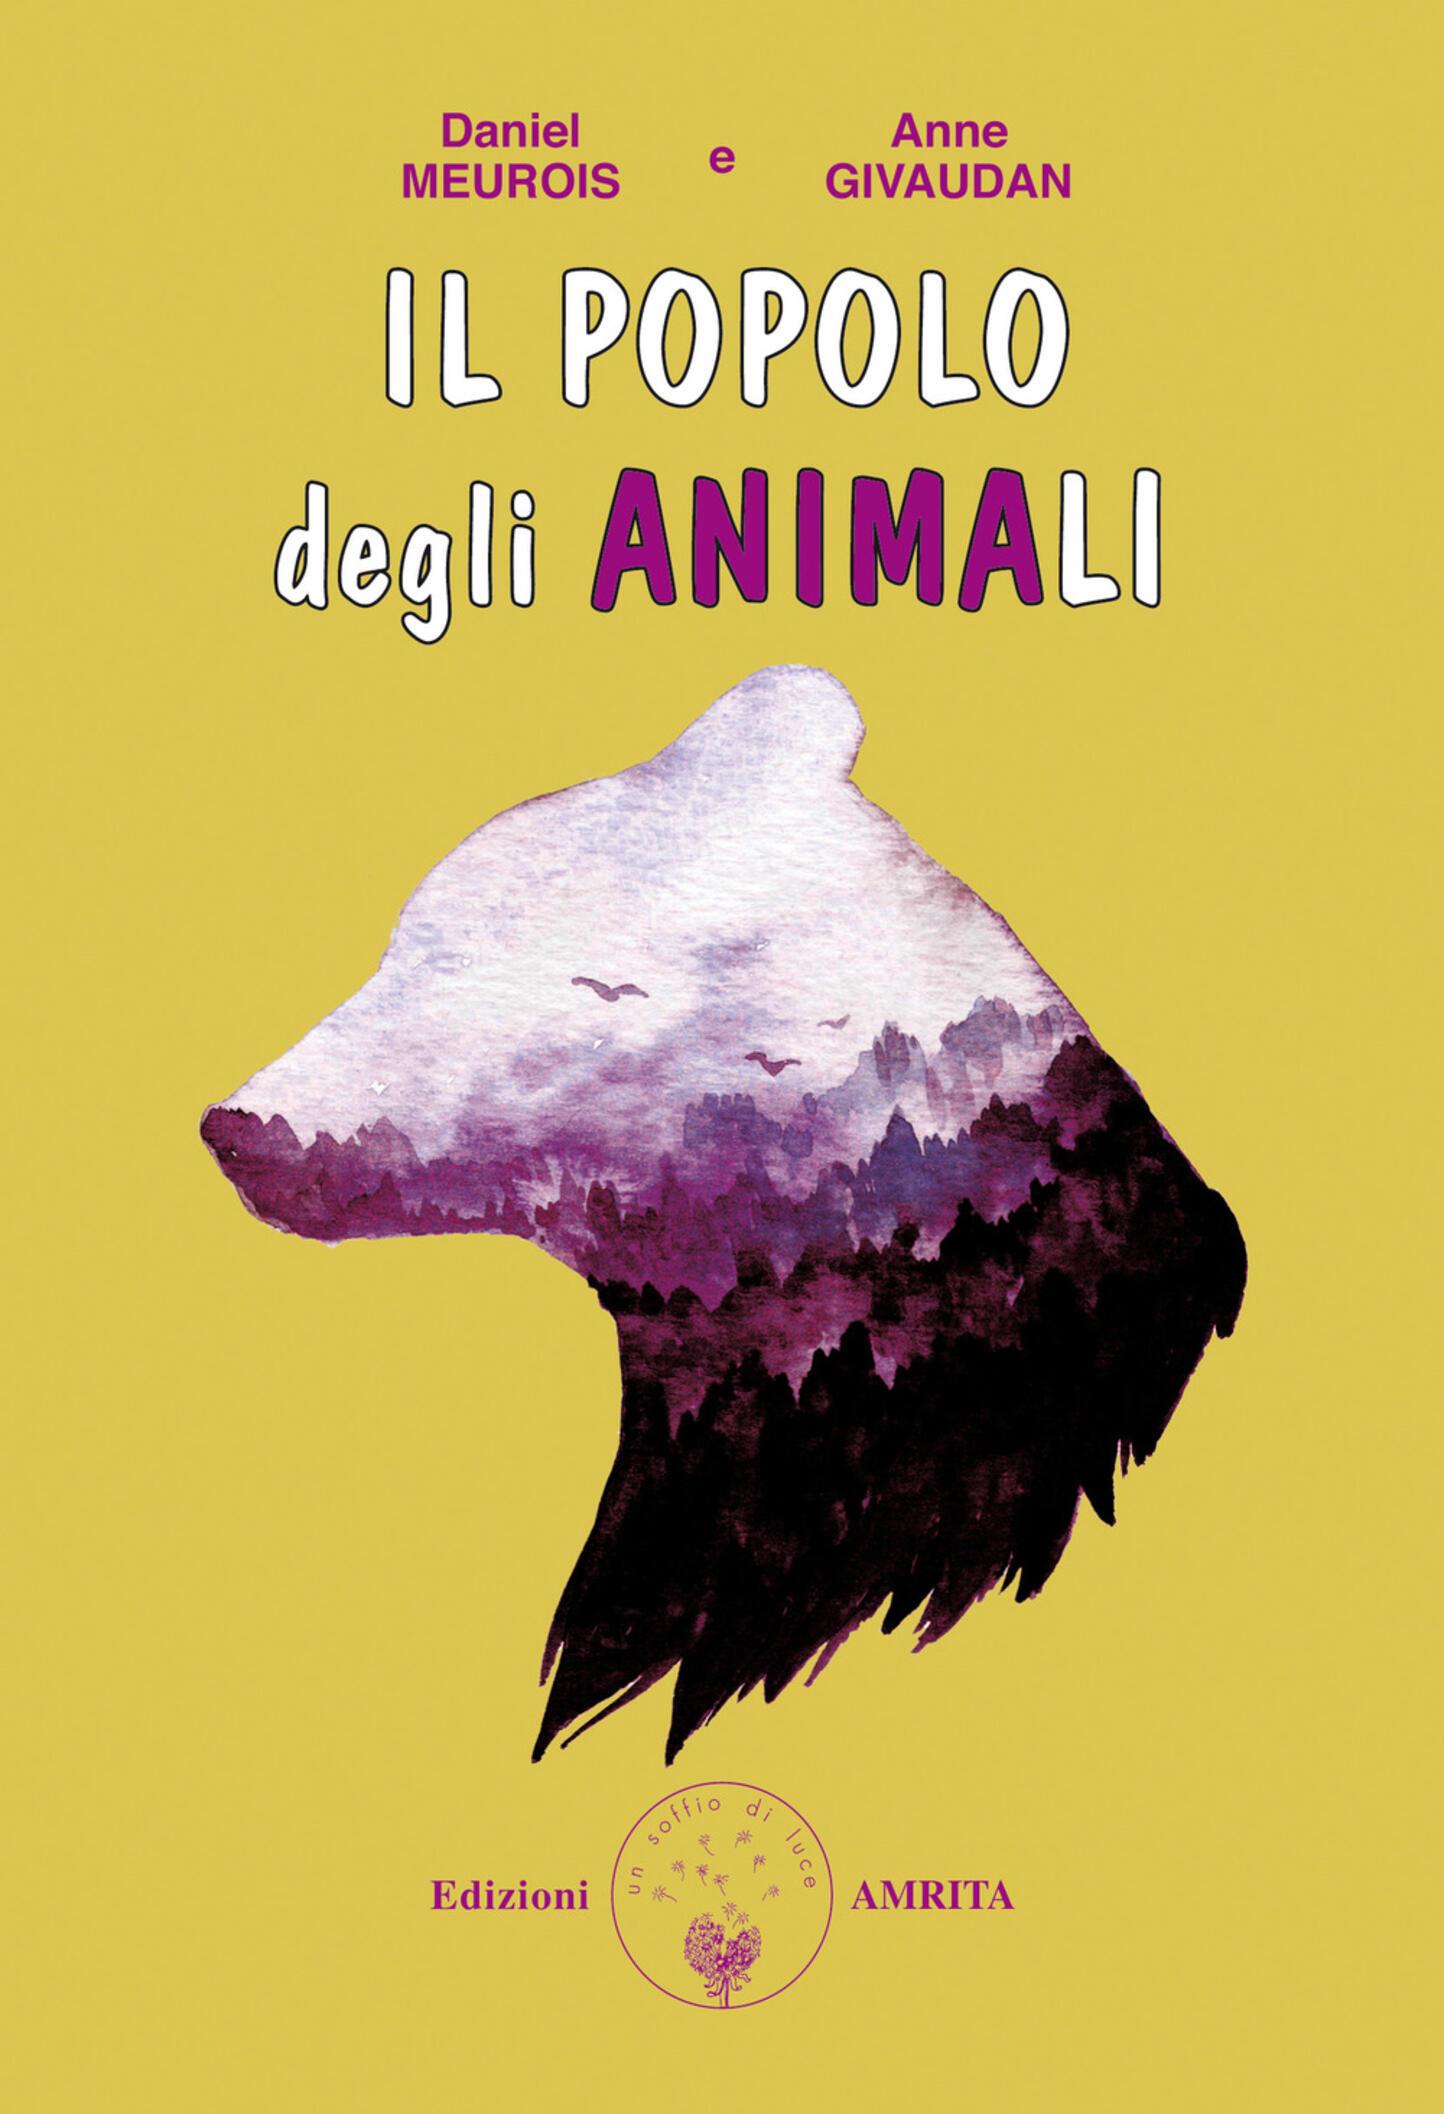 Il popolo degli animali - Meurois-Givaudan - Daniel ...